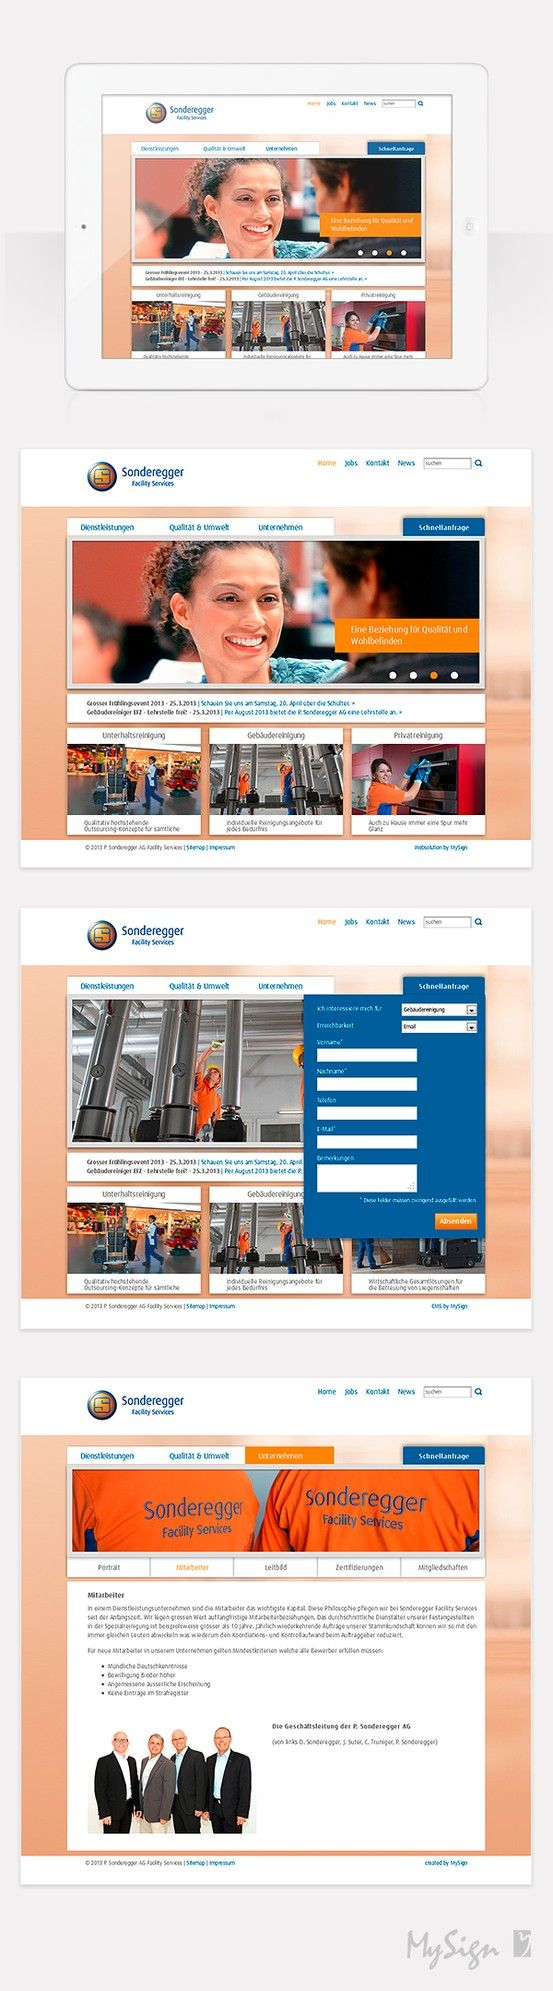 Hat den Frühlingsputz hinter sich: Die Oltner Reinigungsfirma P. Sonderegger AG präsentiert sich mit einem neuen Webauftritt. Ein klares und helles Design sowie authentische Fotos aus dem Betrieb vermitteln die Werte und Kompetenzen der Firma.